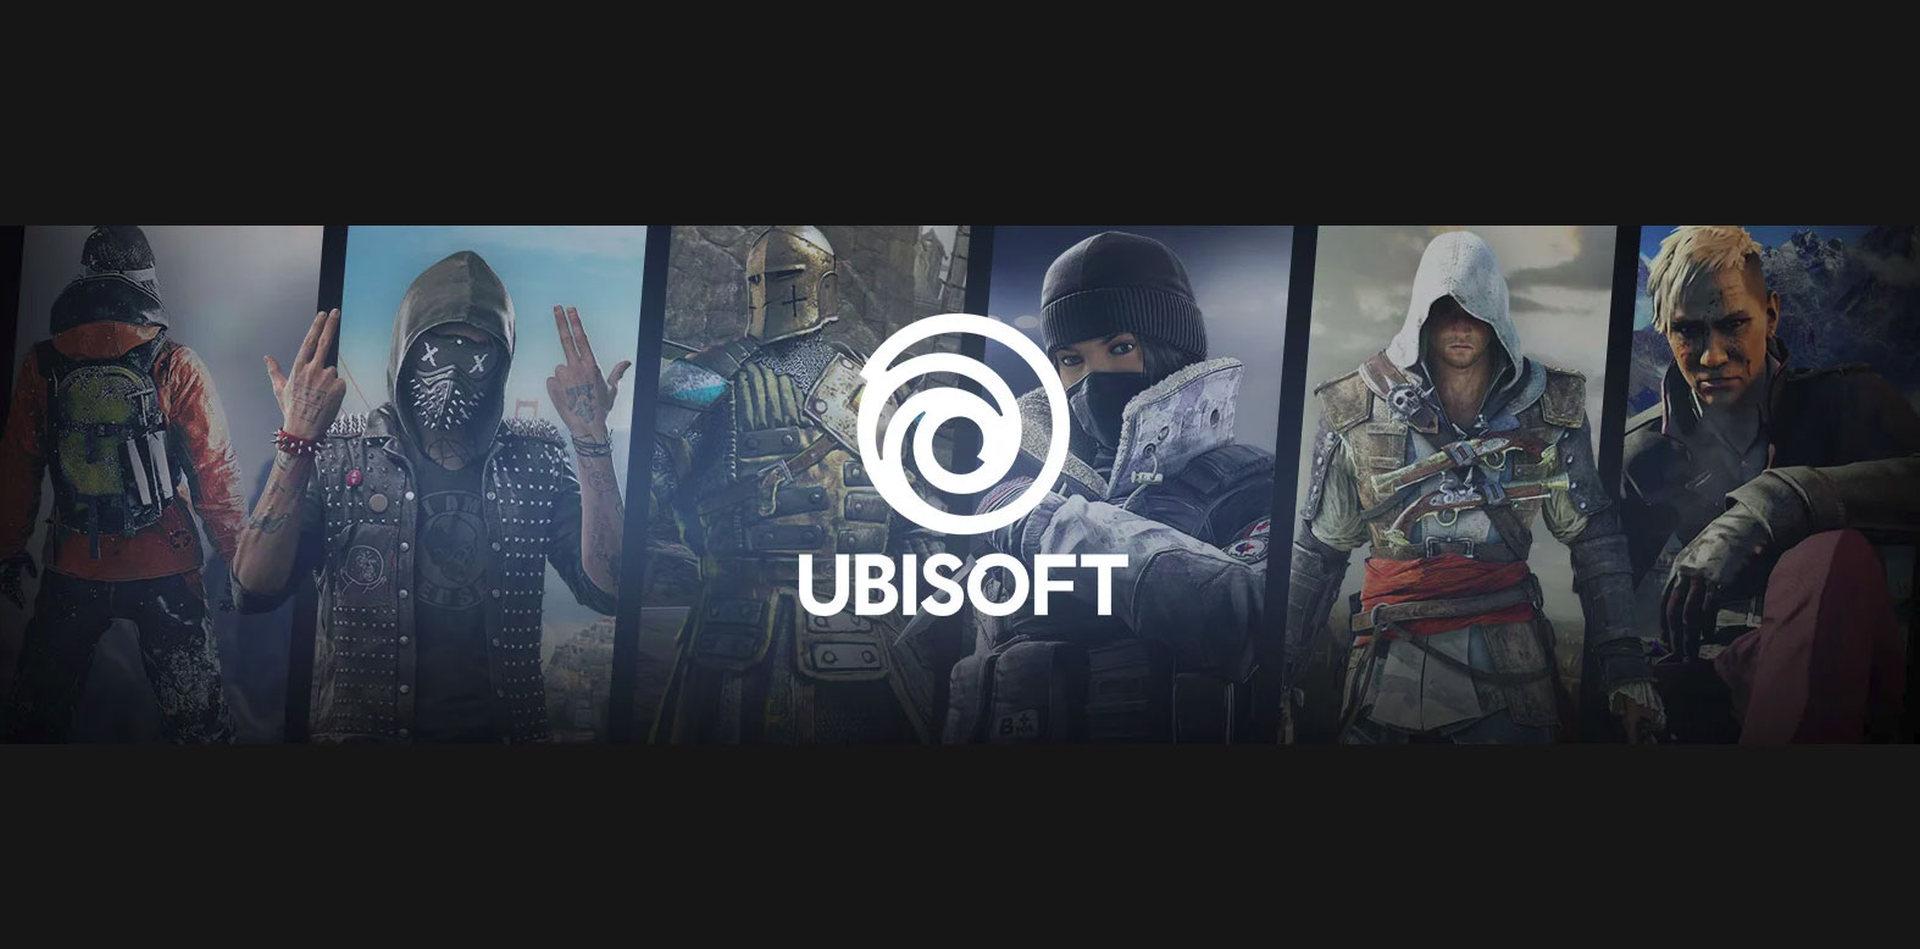 Ubisoft 882019 2